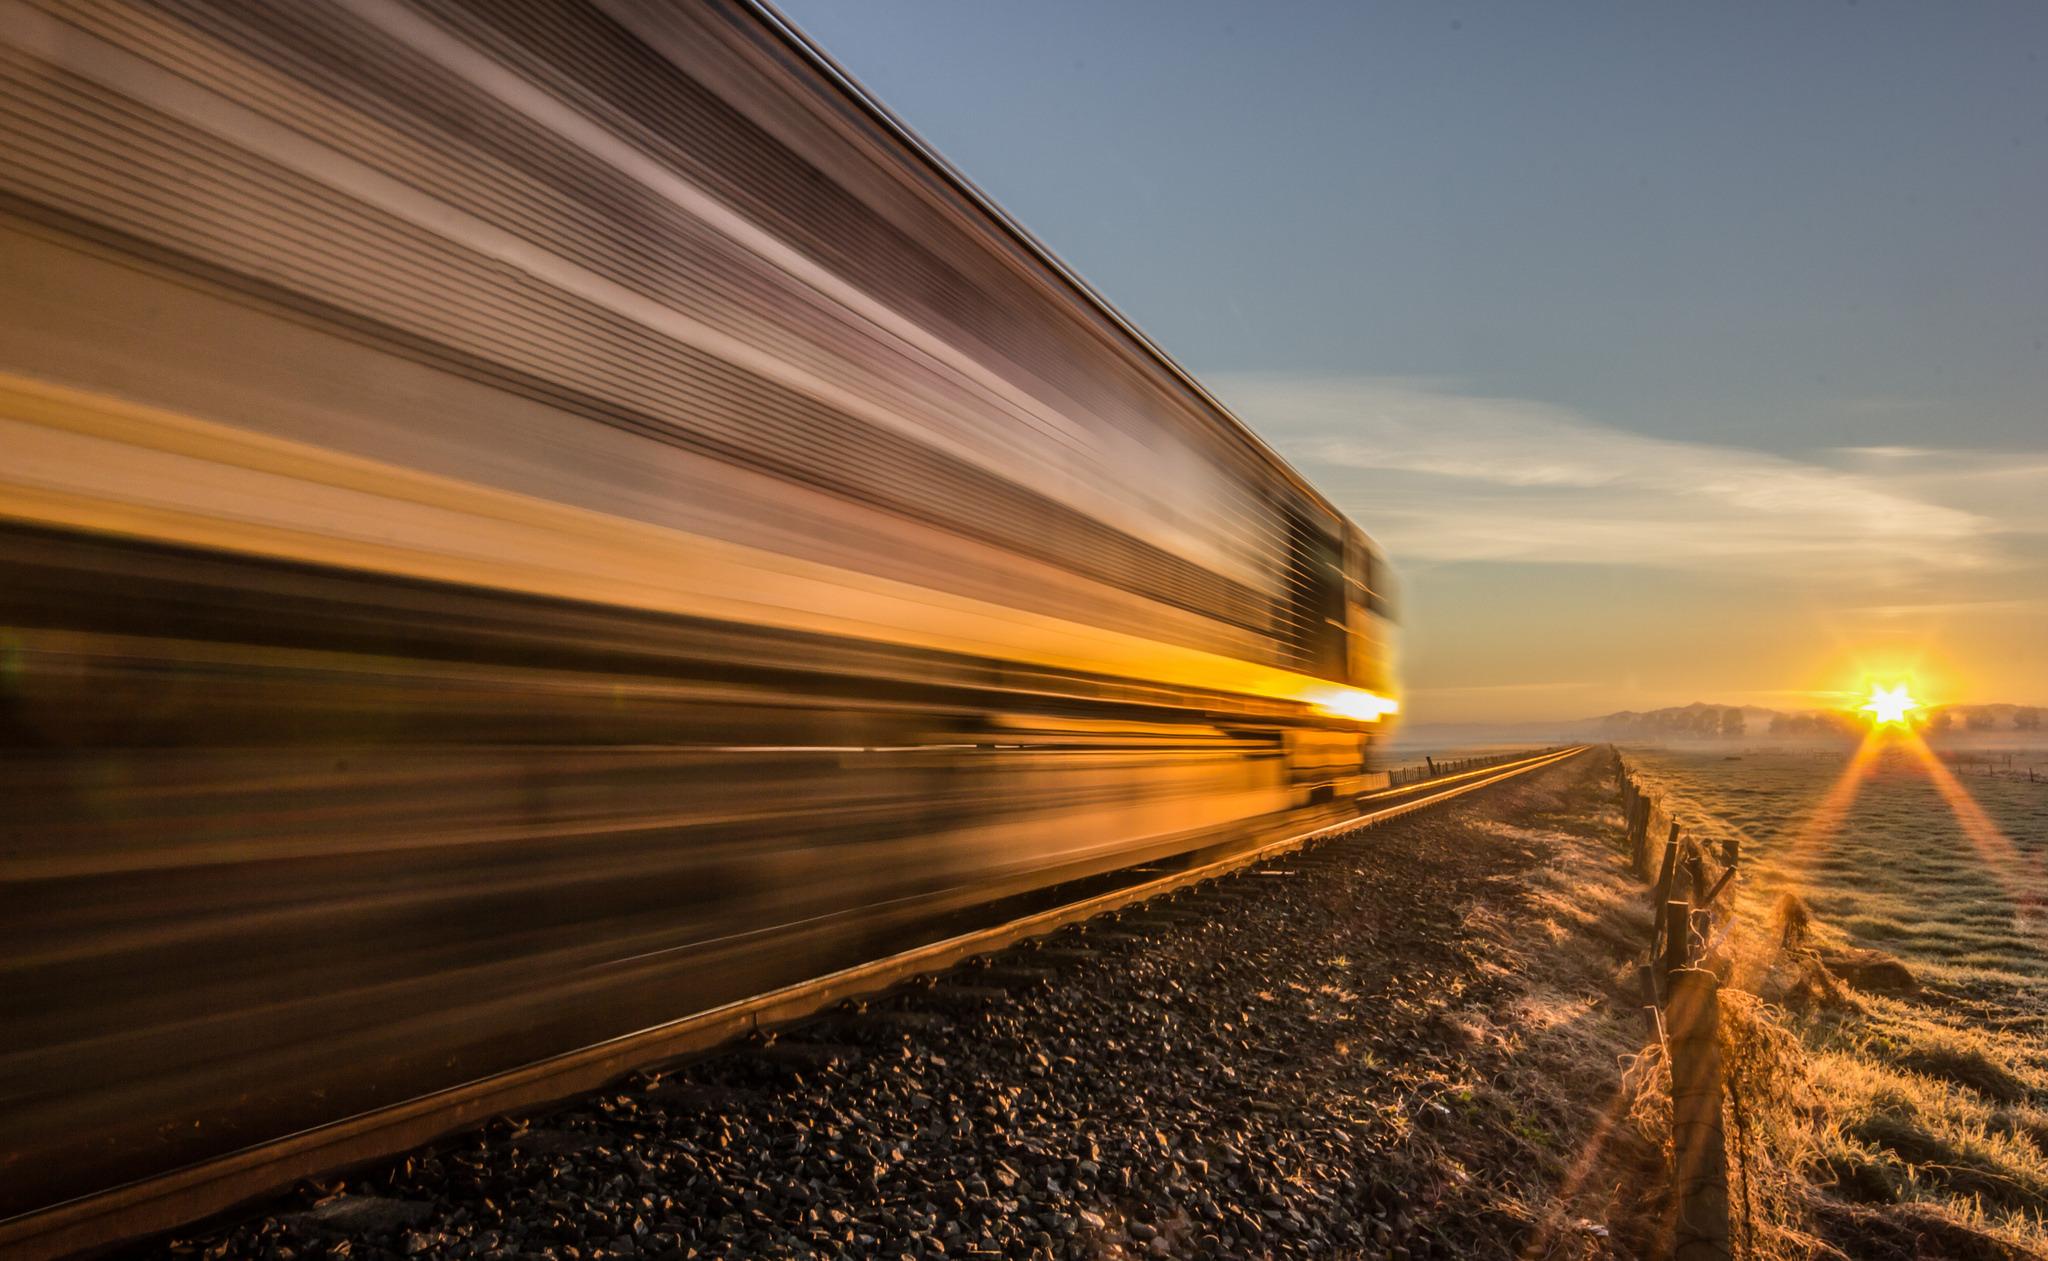 12 ноября, отменяются поезда региональных линий эконом-класса на участке Слуцк–Солигорск–Слуцк - Слуцк Деловой